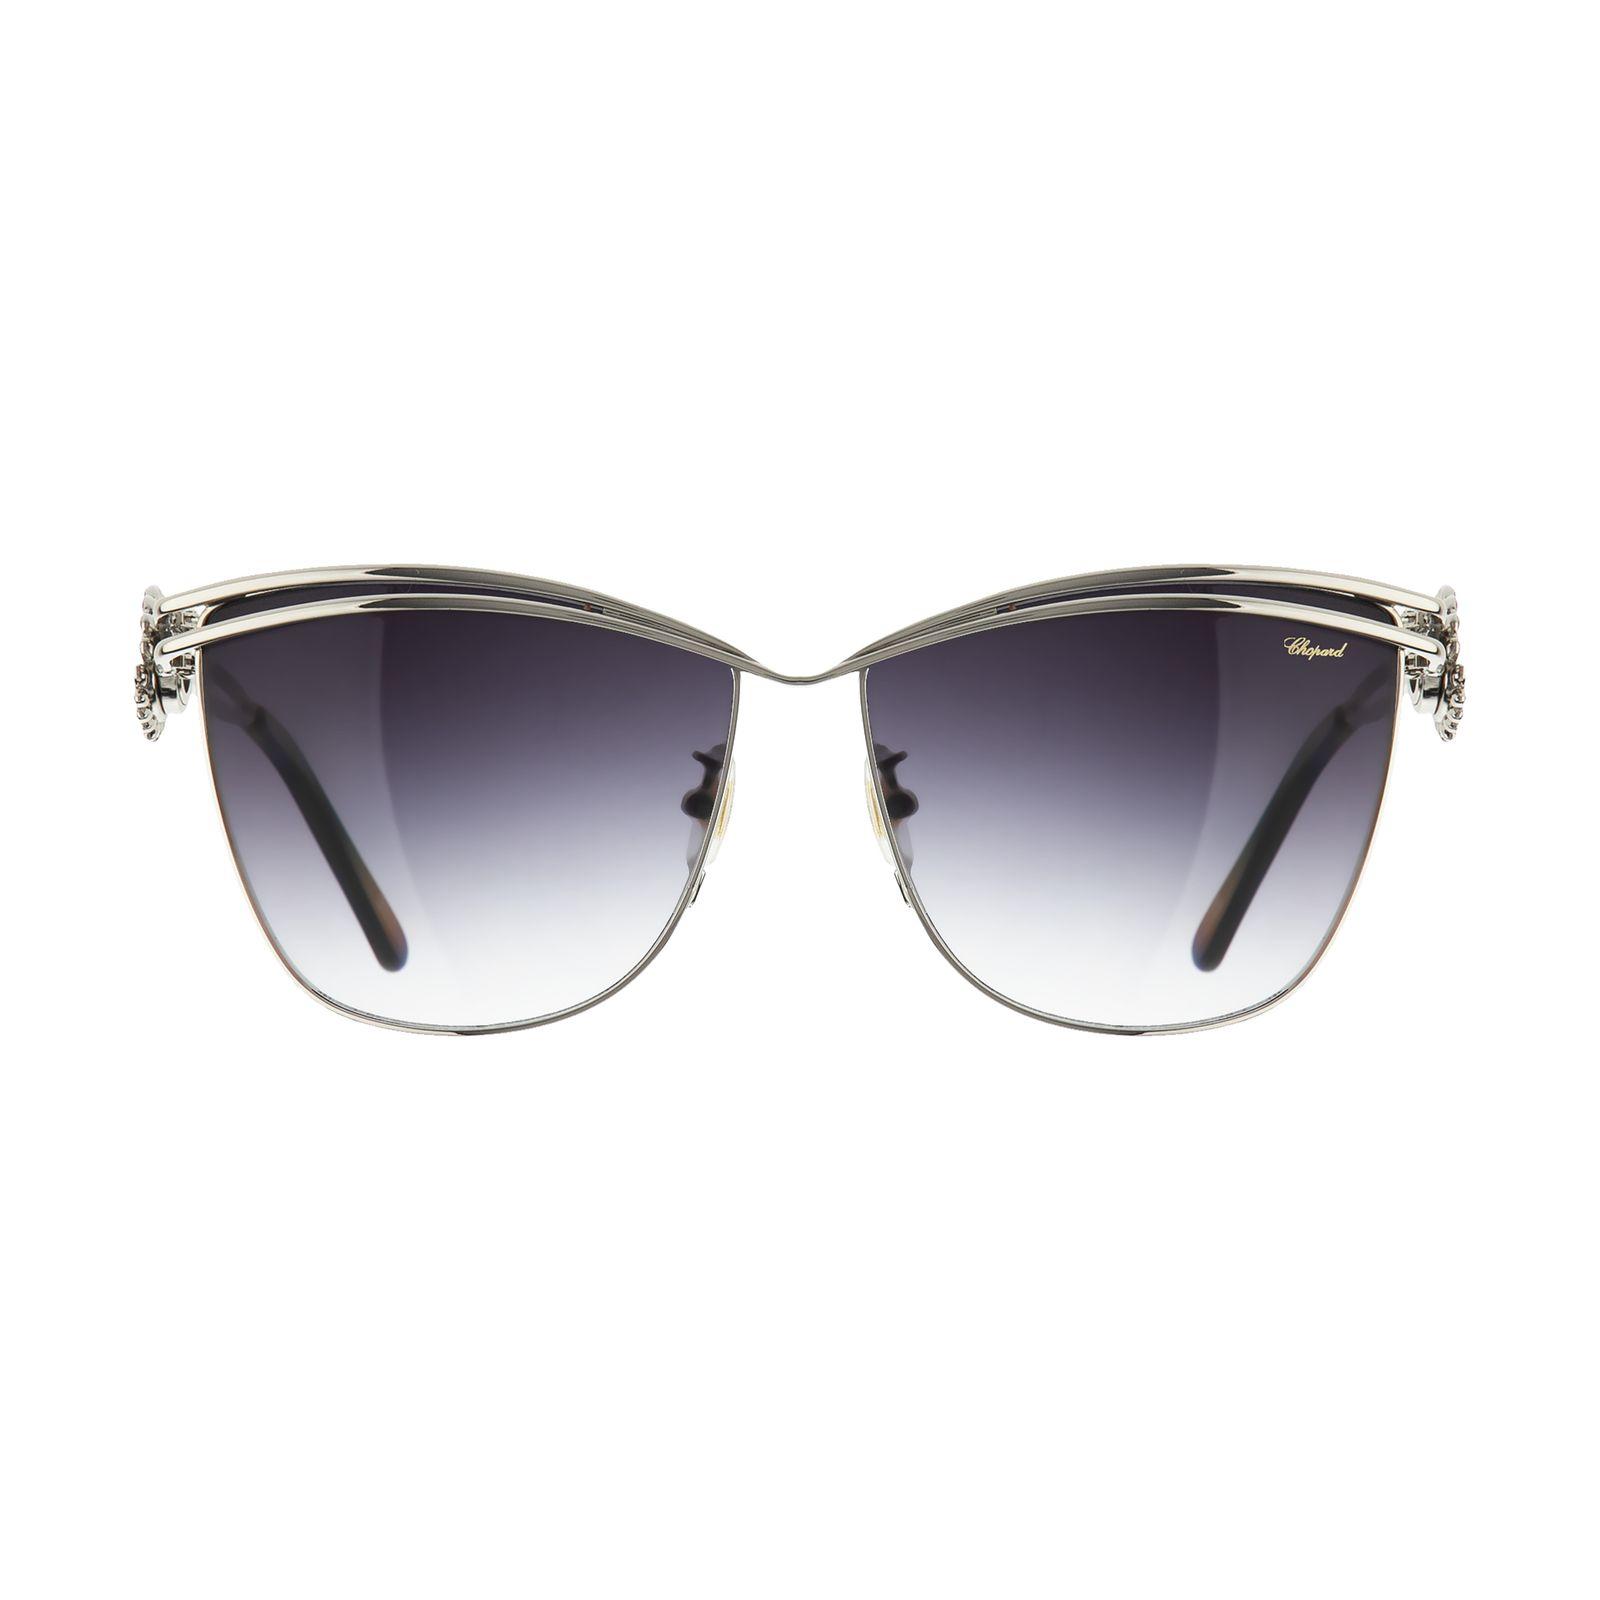 عینک آفتابی زنانه شوپارد مدل 26 -  - 2